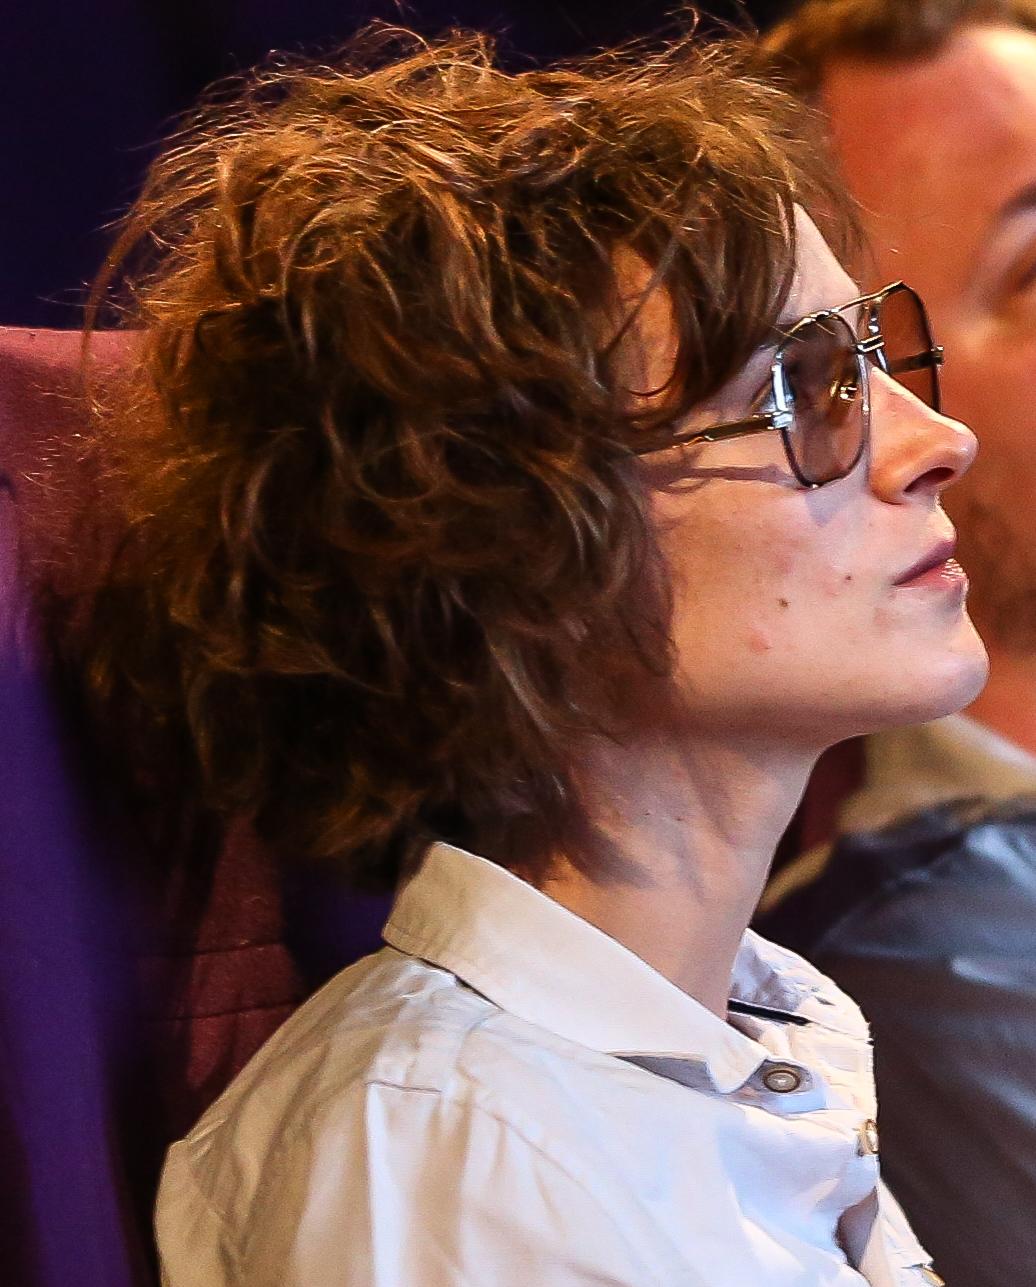 Josefine Rieks schaut sich selbst bei youtube zu.